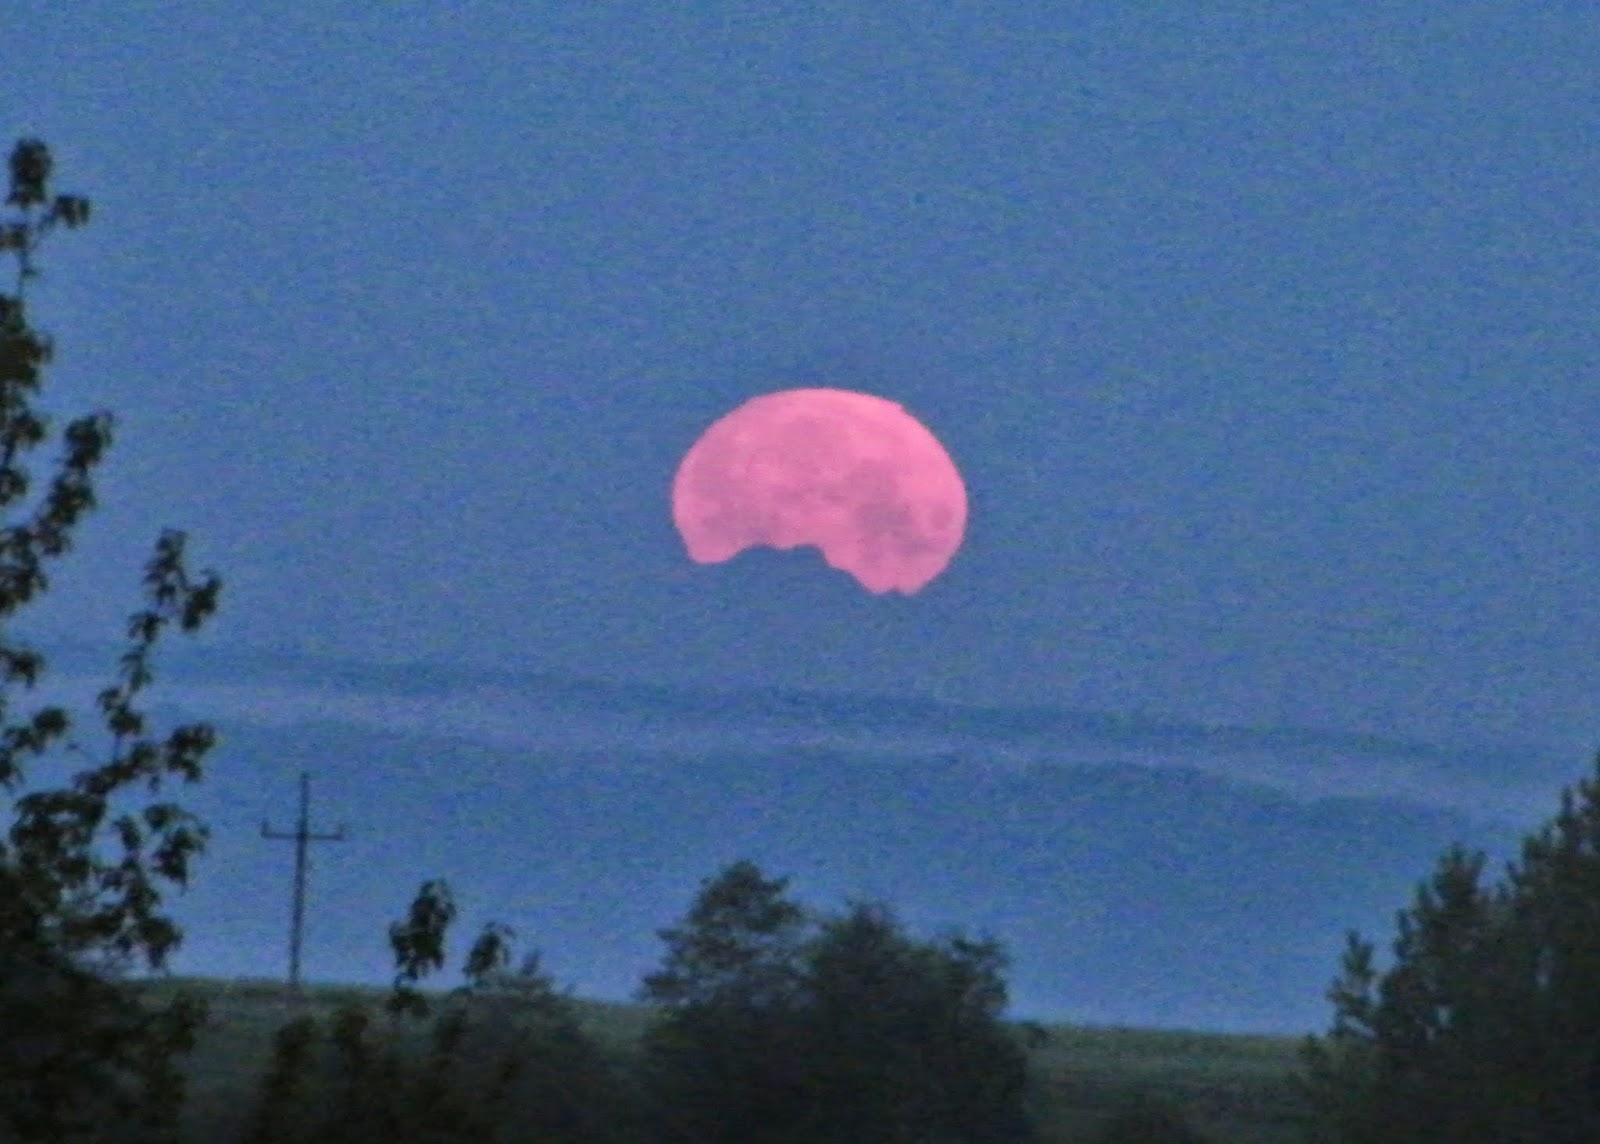 Czudec, Przedmieście Czudeckie, Zachód Księżyca, dalekie obserwacje, long distance observations, Podkarpacie, Rzeszów, Tatry,